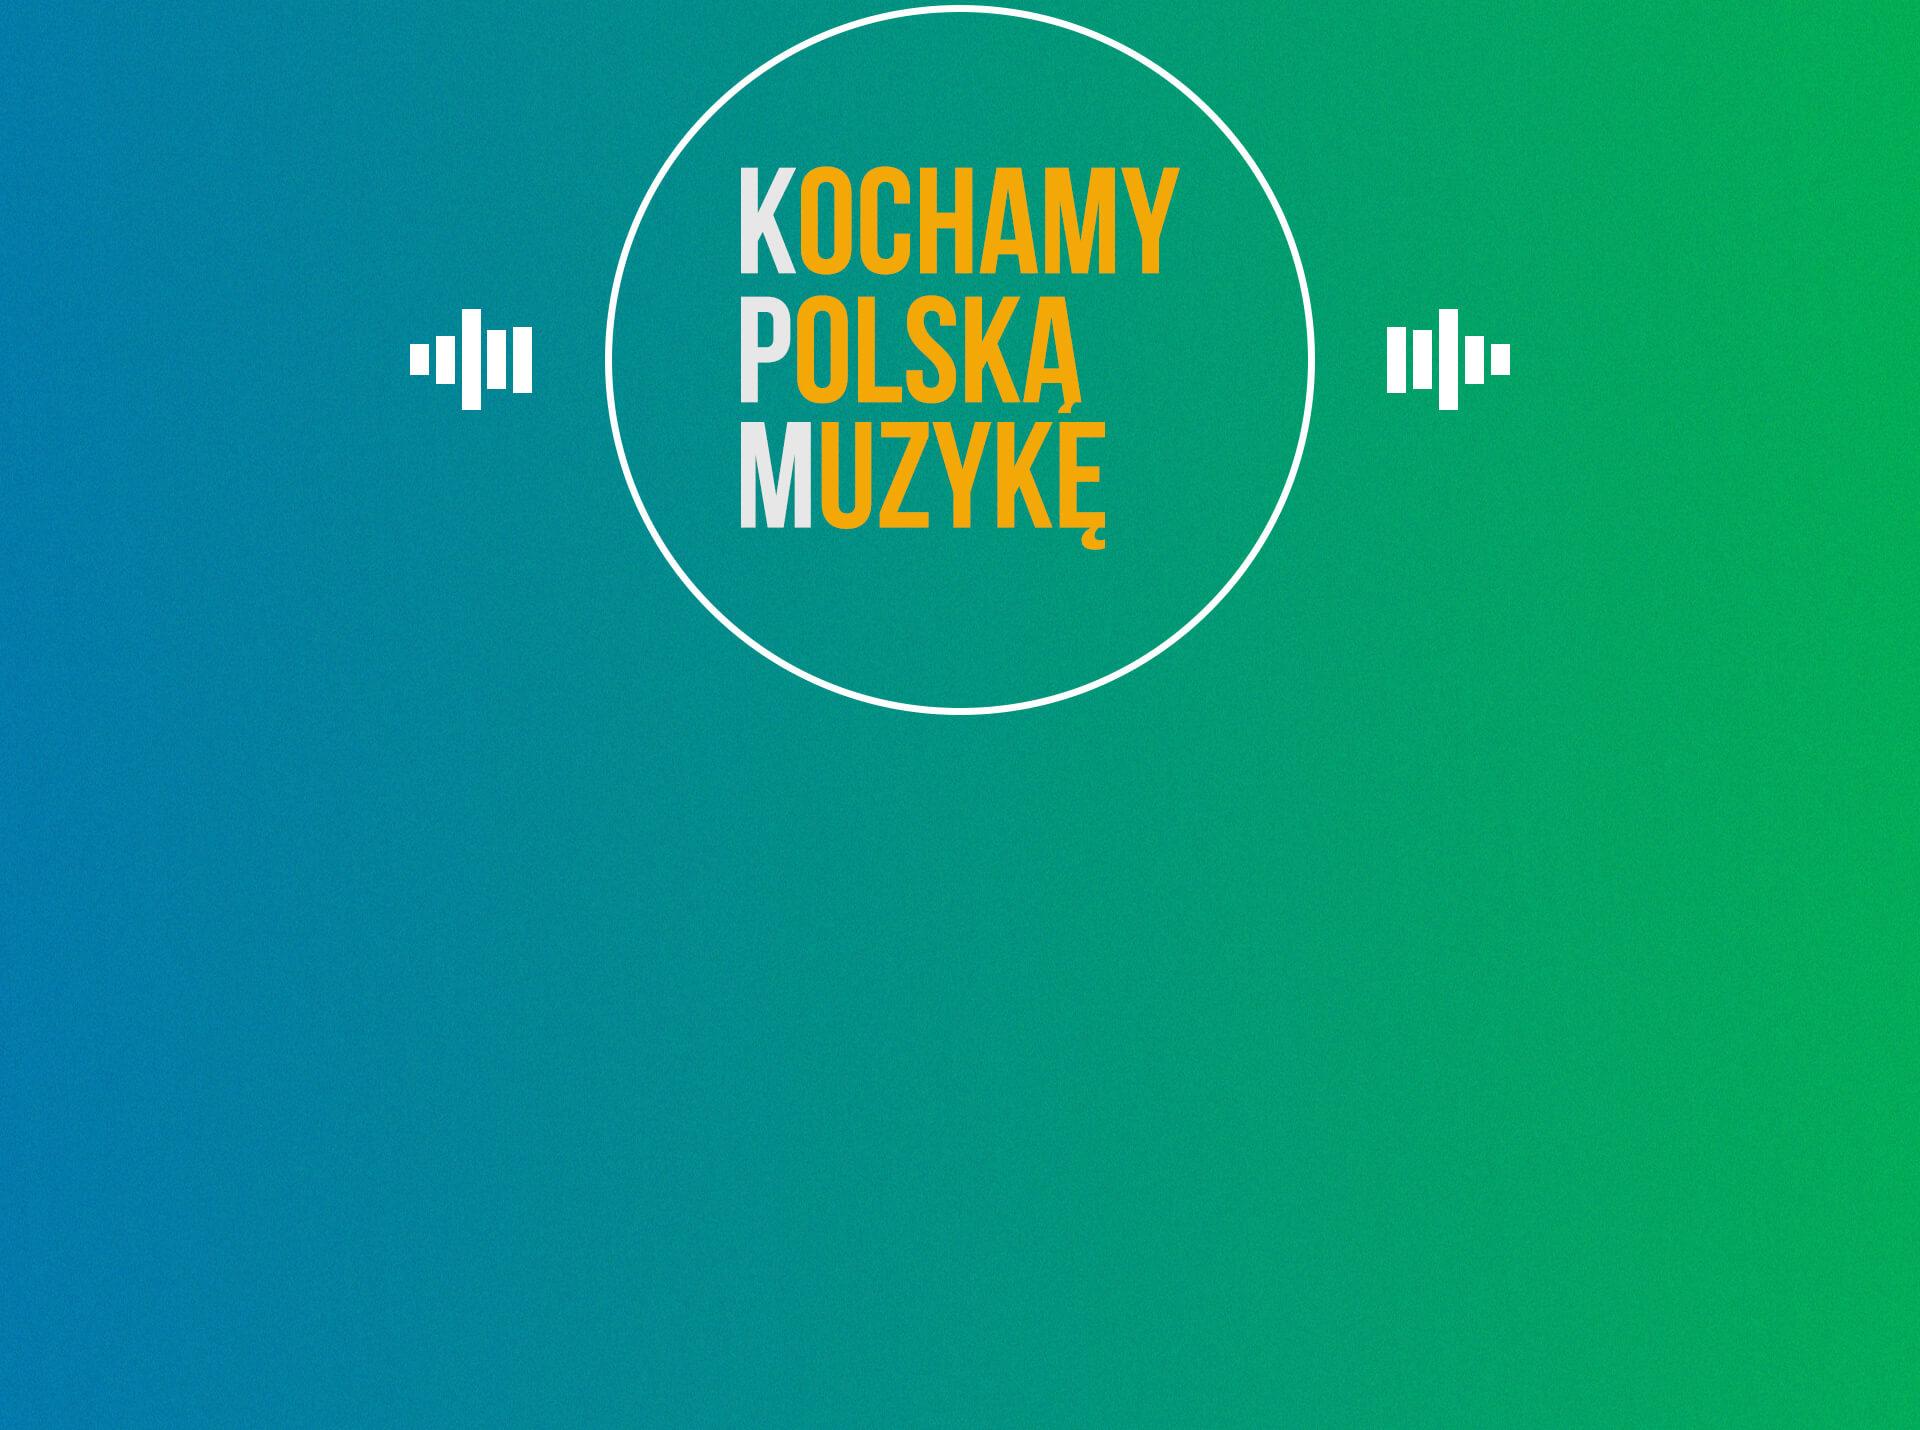 Kochamy polską muzykę